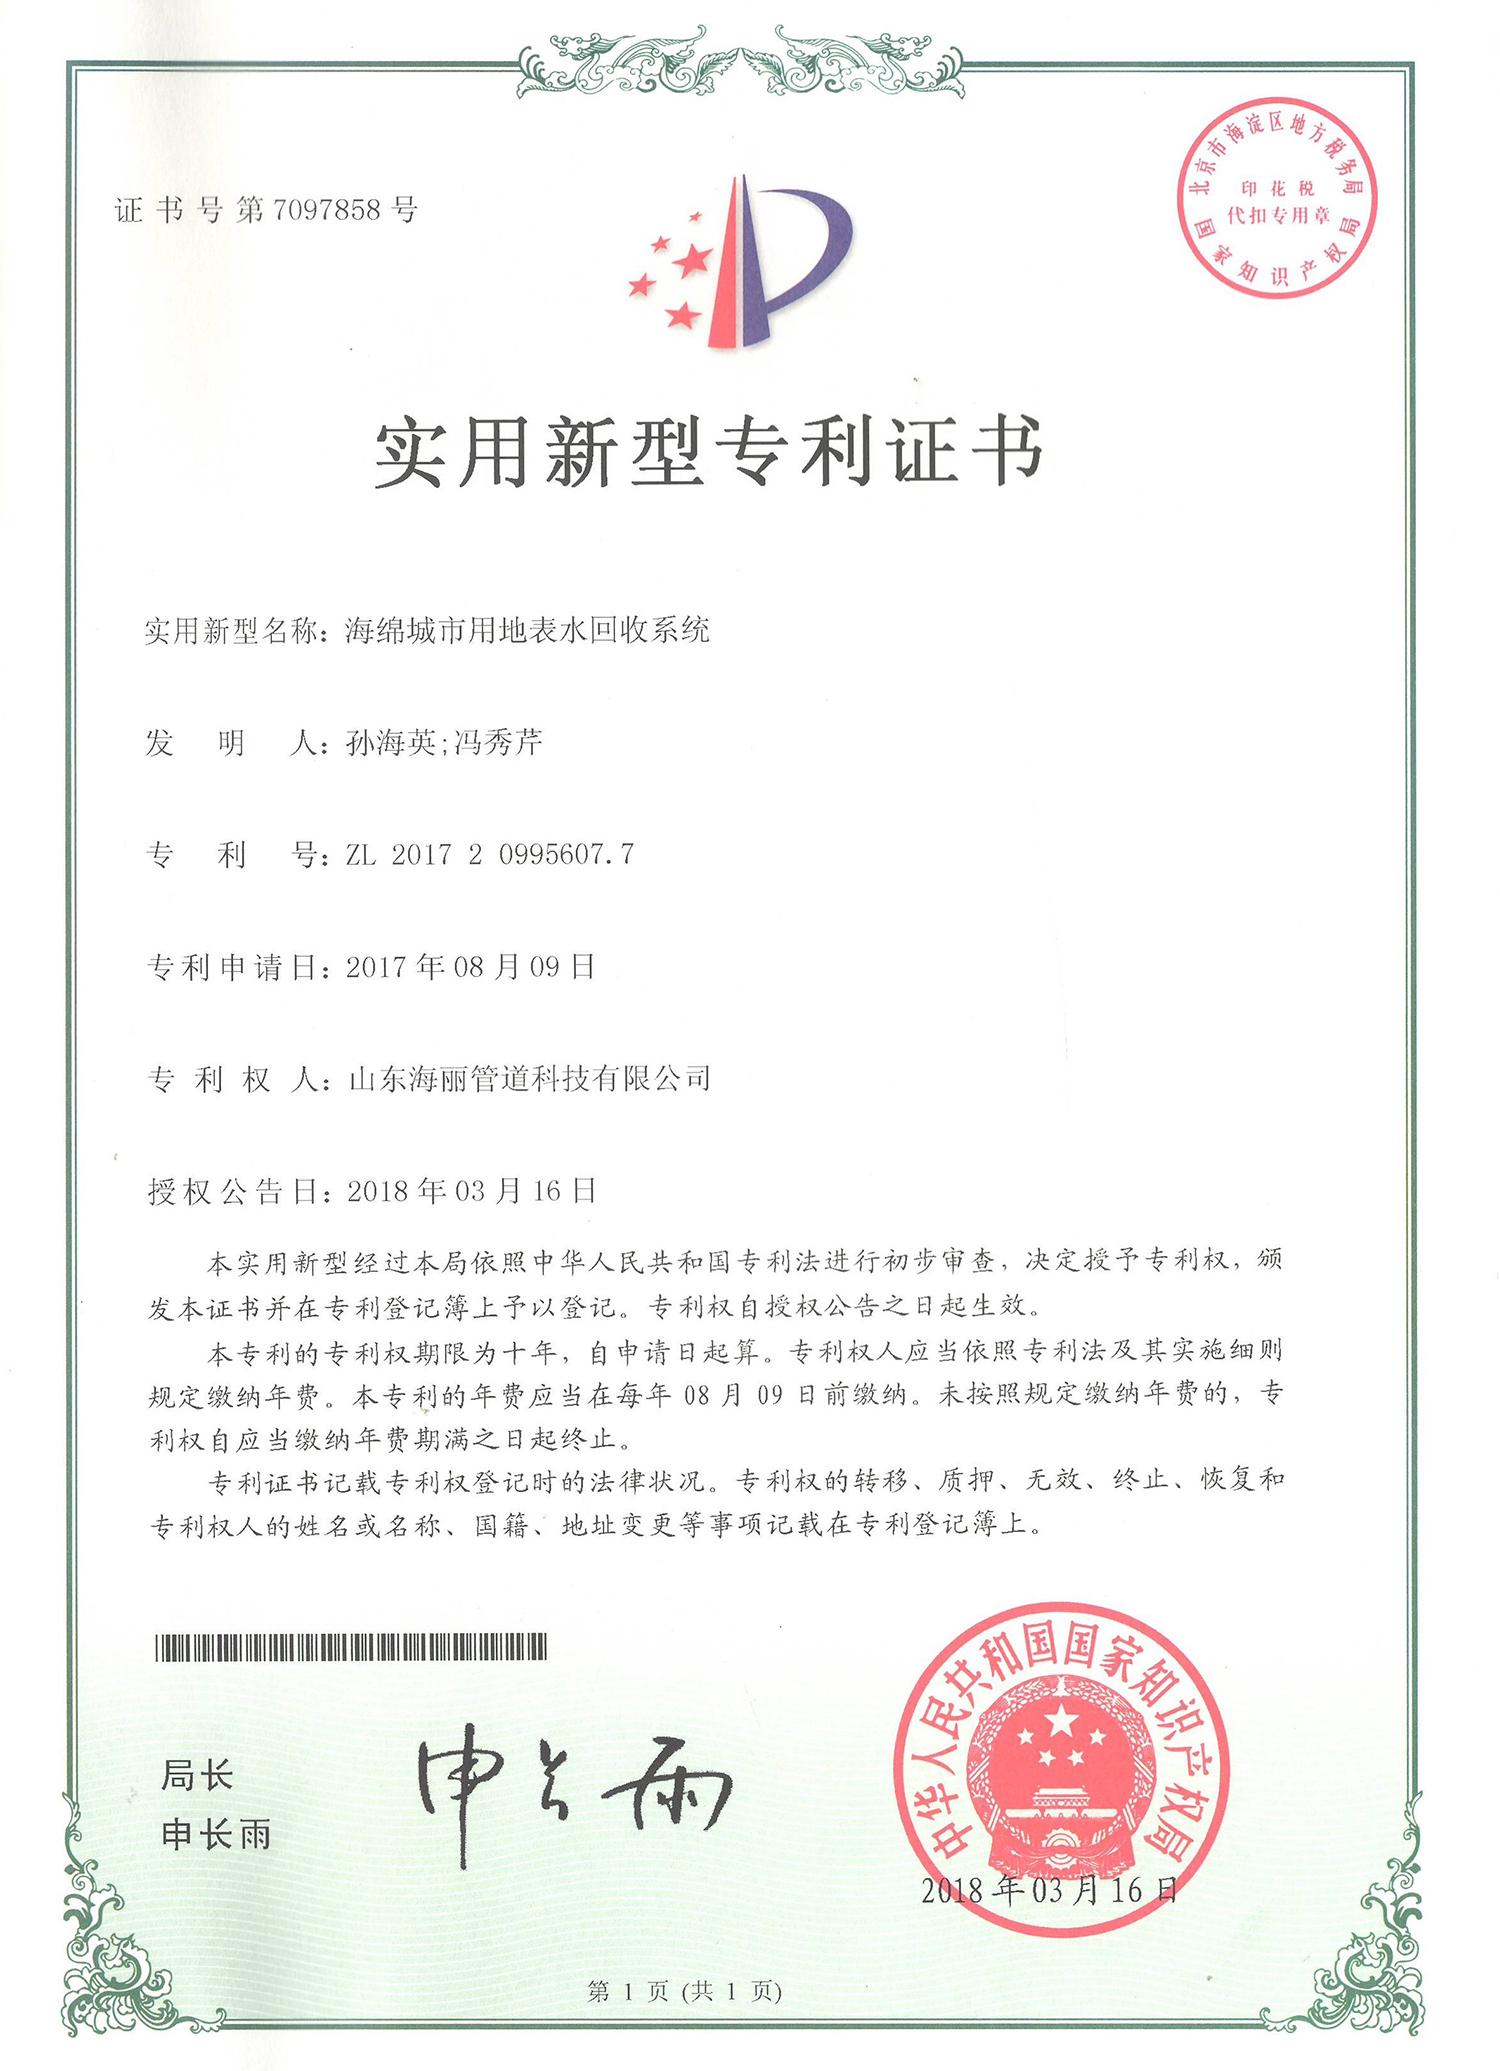 回收系统专利